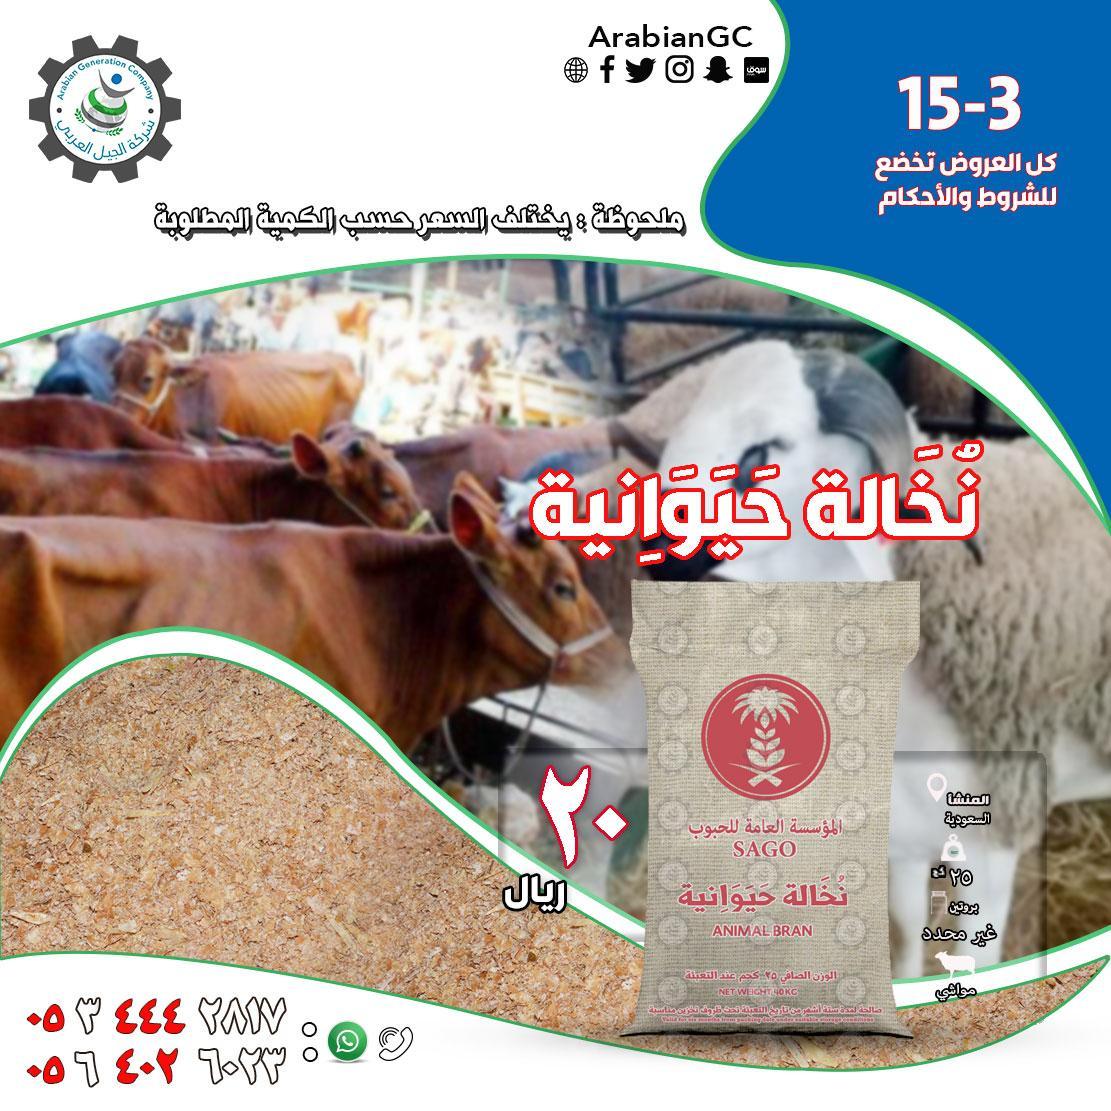 أفضل وأجود نخالة حيوانية للبيع d.php?hash=K7J2WNCR3